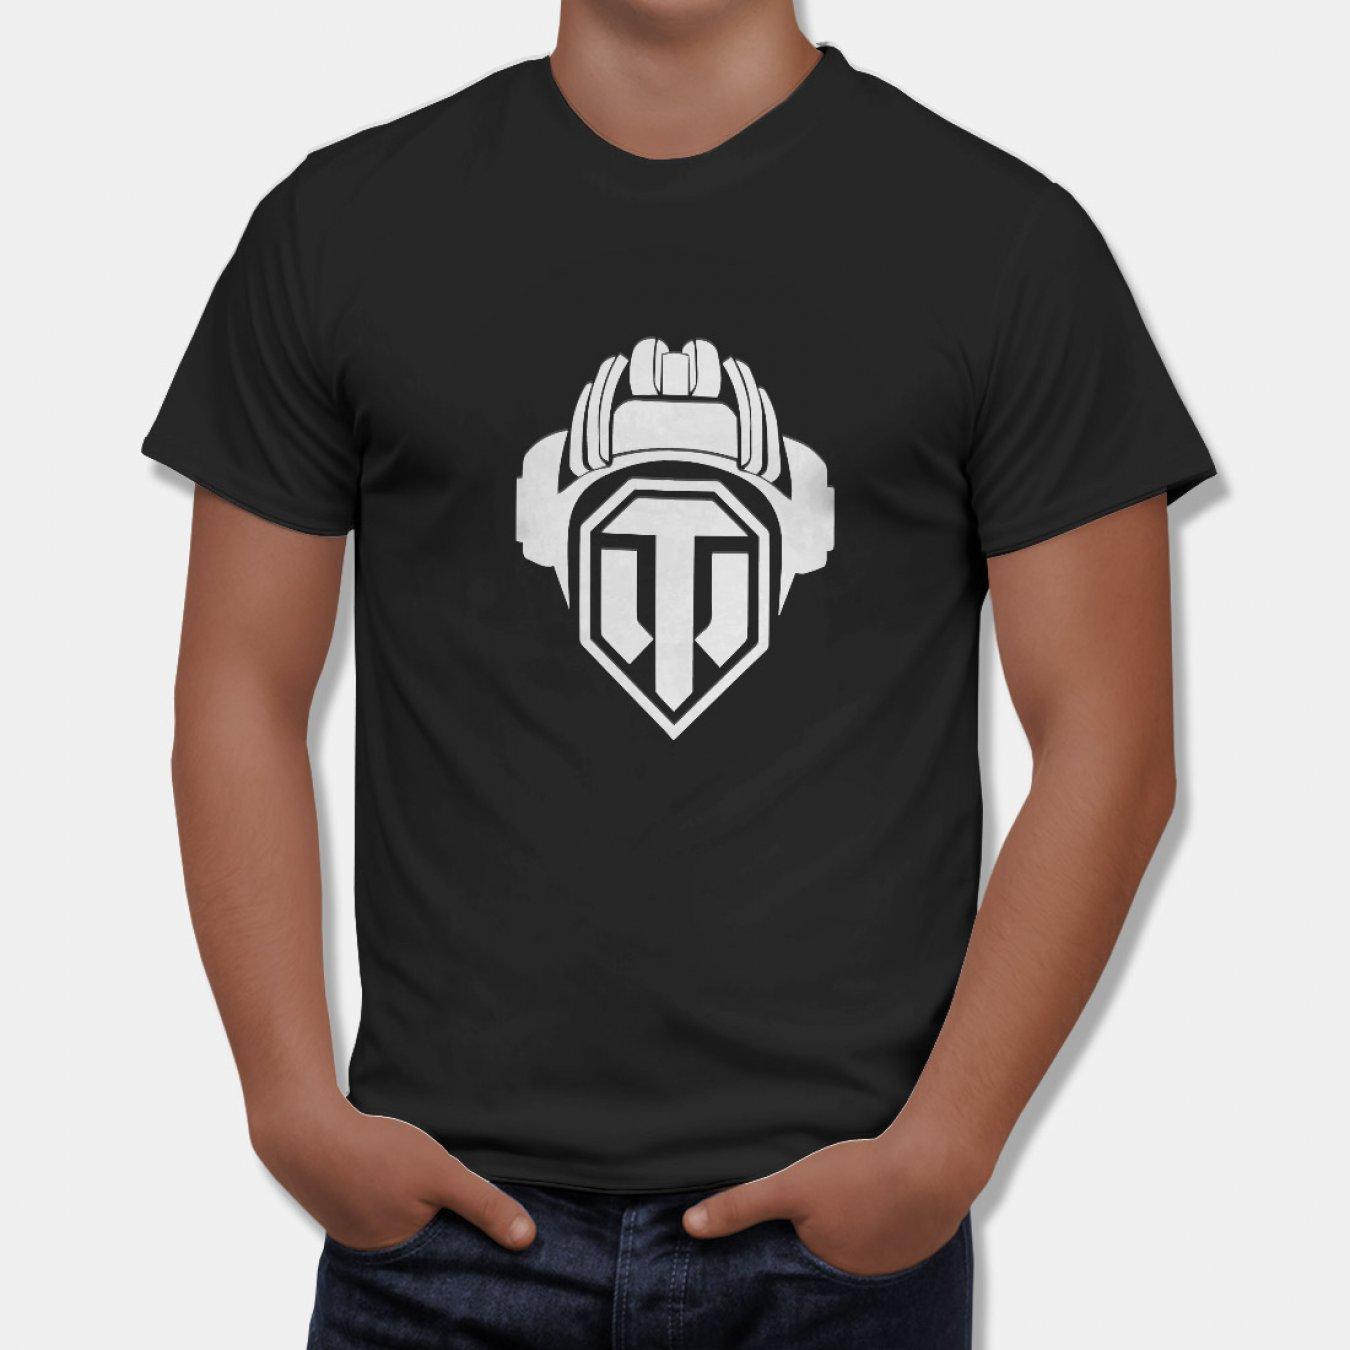 b19c00e714c Тениска World of Tanks - Черна с Лого Helmet на World of Tanks в Тематични  тениски